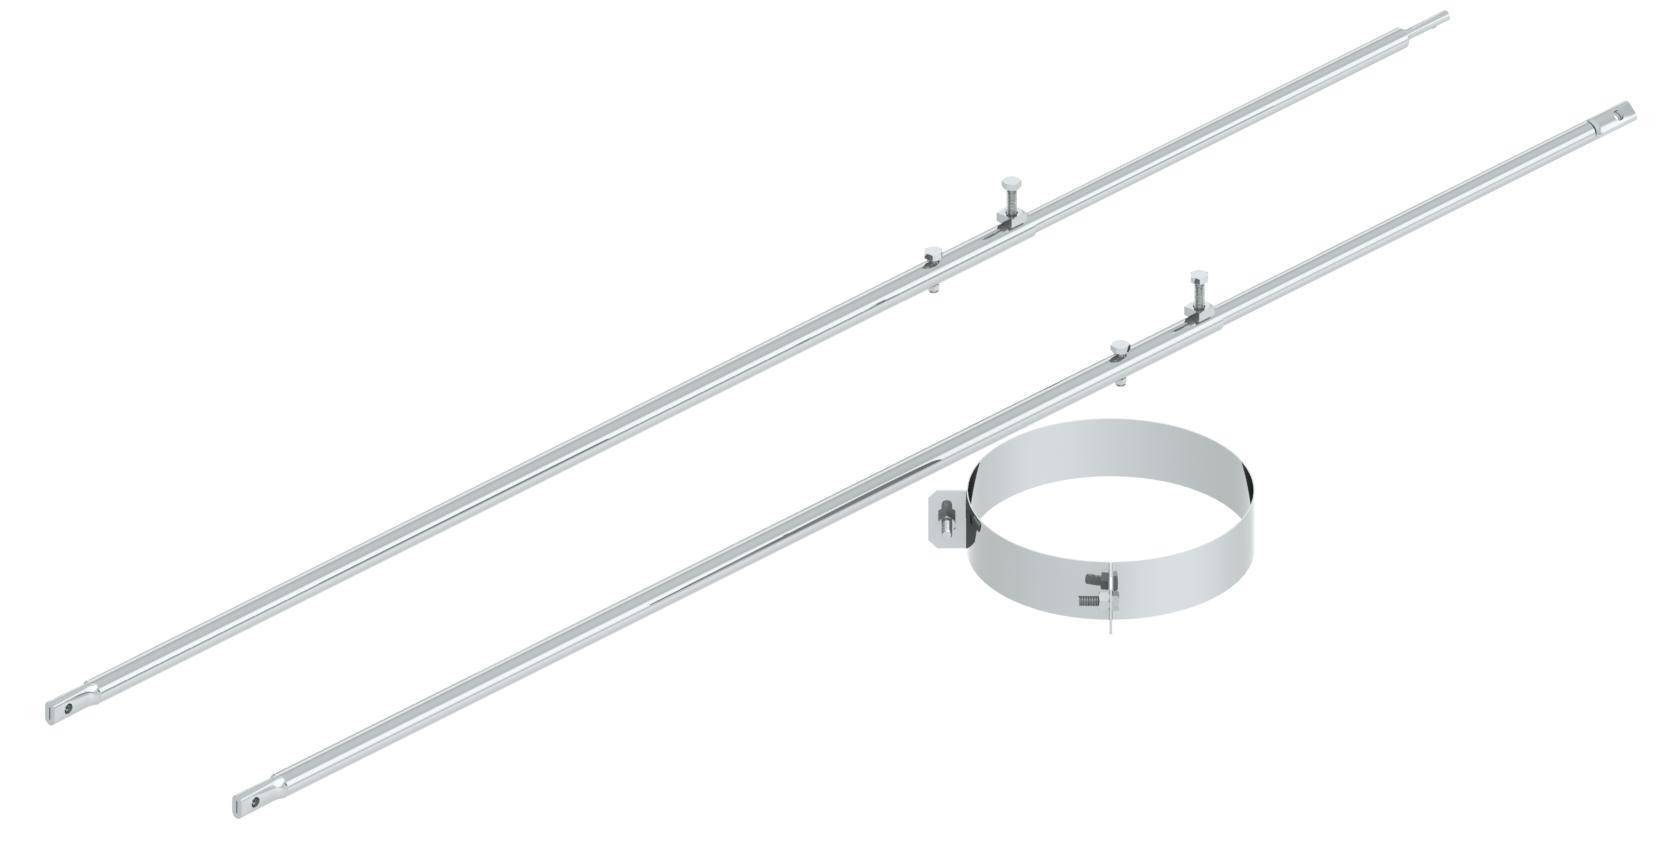 Edelstahlschornstein - 2-Punktabspannung mit Rundrohr verschiedene Längen für Jeremias DW-FU